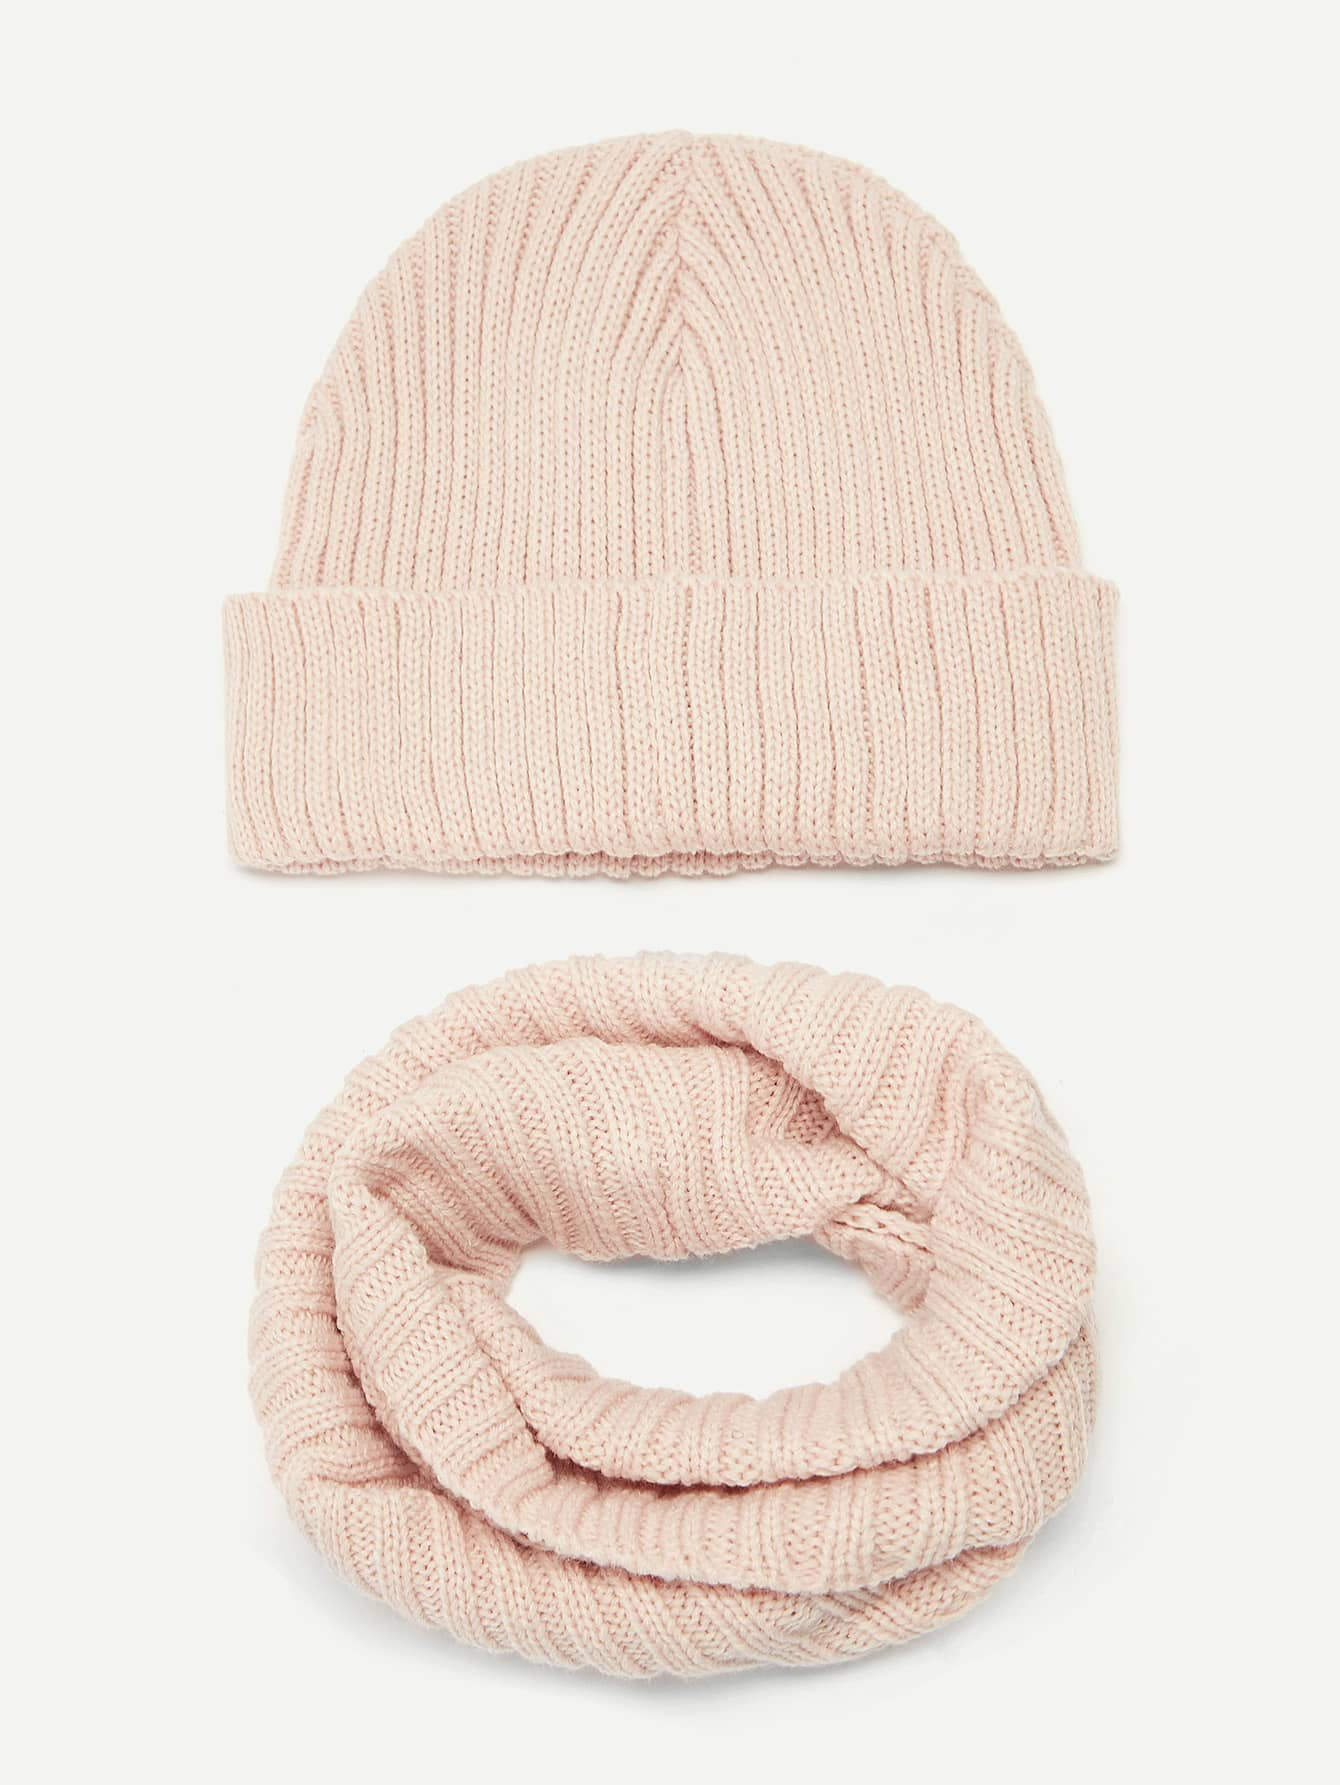 Купить Вязаный берет и бесконечный шарф 2 шт для девочек, null, SheIn